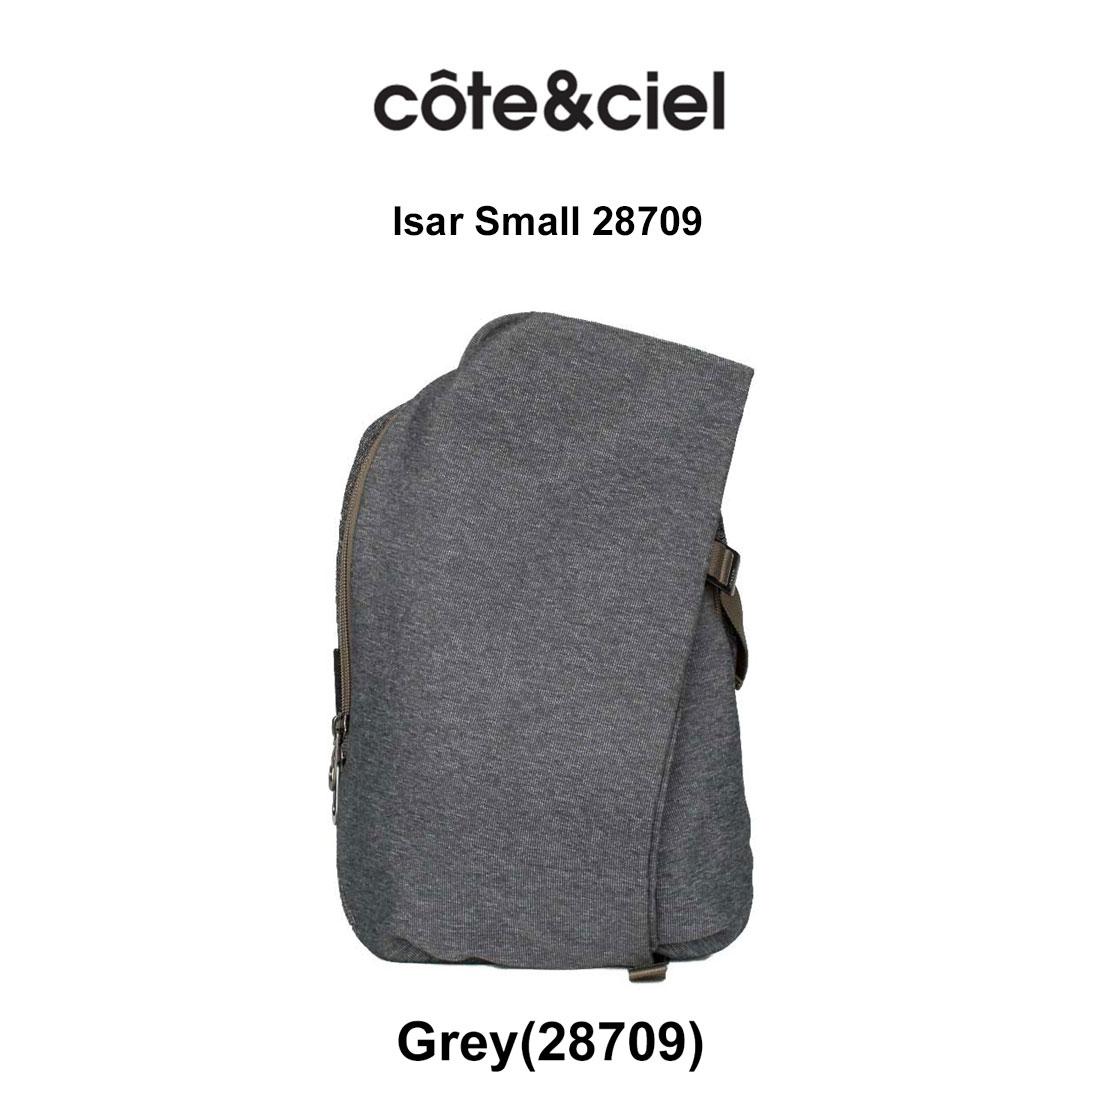 Cote&Ciel(コートエシエル)バックパック リュック 通勤通学 ノートPC 13インチ Isar Small 28709